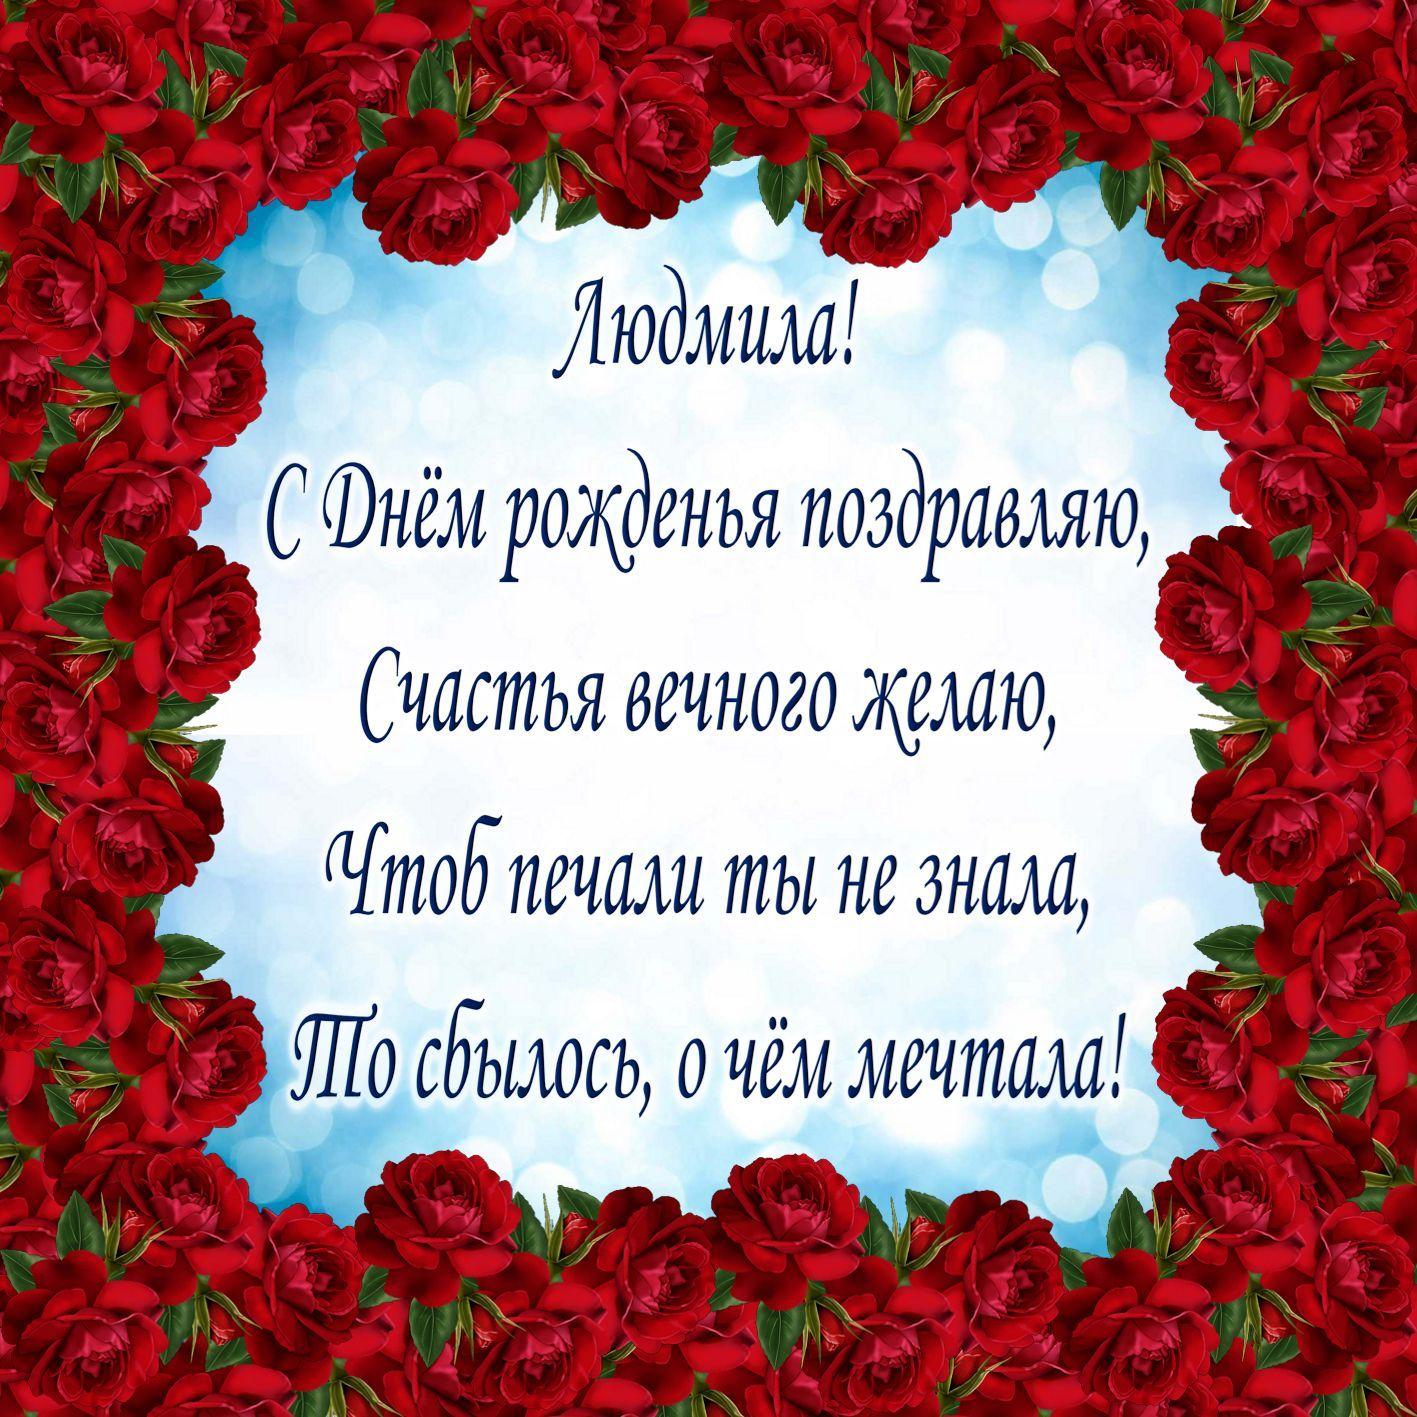 Поздравления с днем рождения с именами людмила